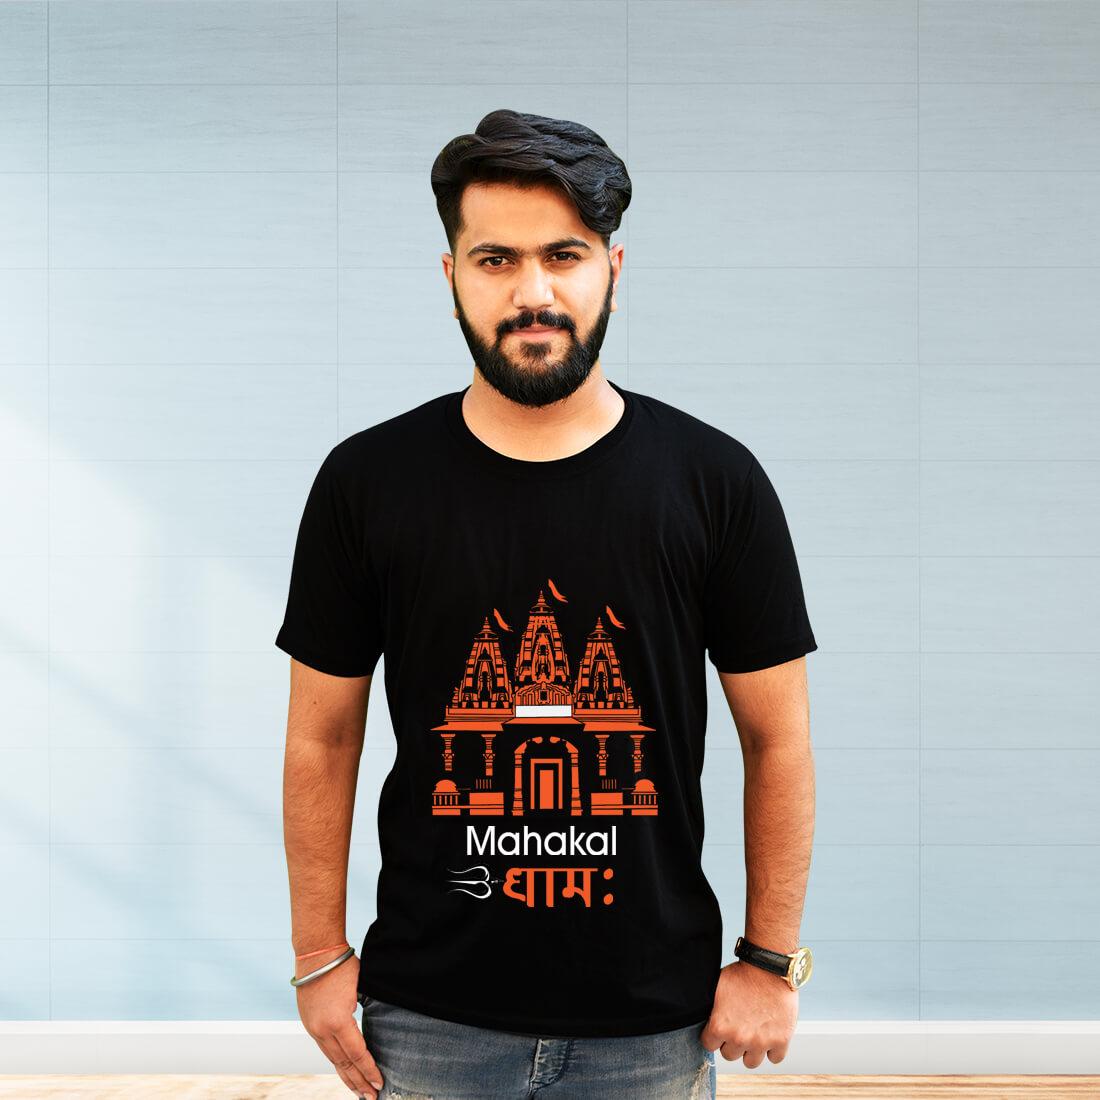 Mahakal Dham Printed Black T-Shirt for Men